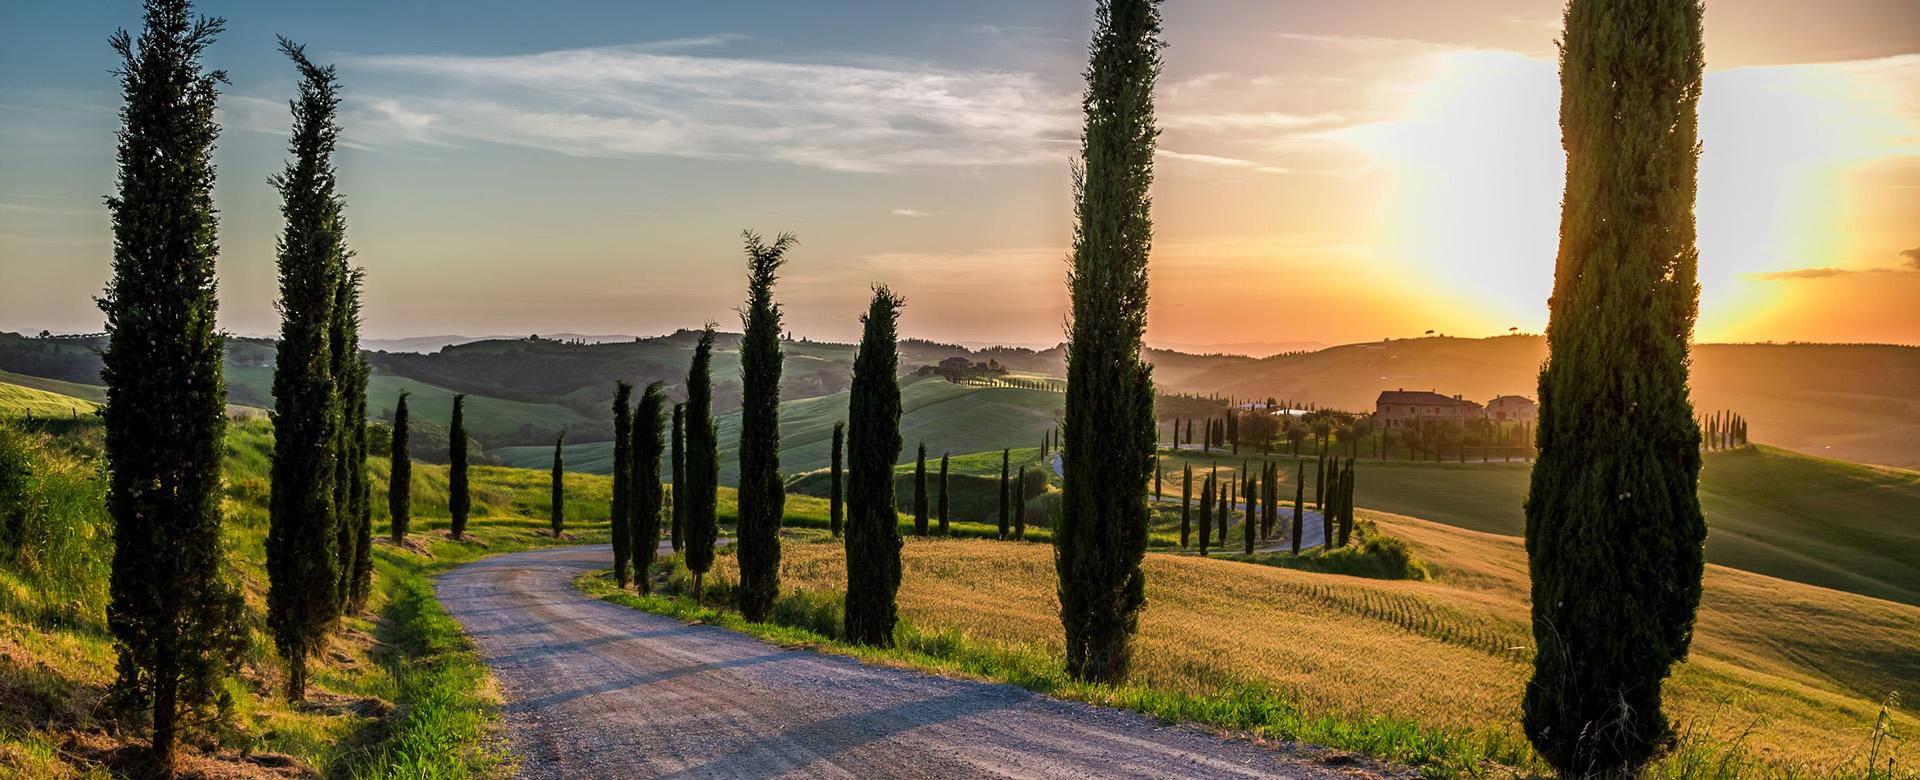 Autonoleggio Toscana Val d'Orcia